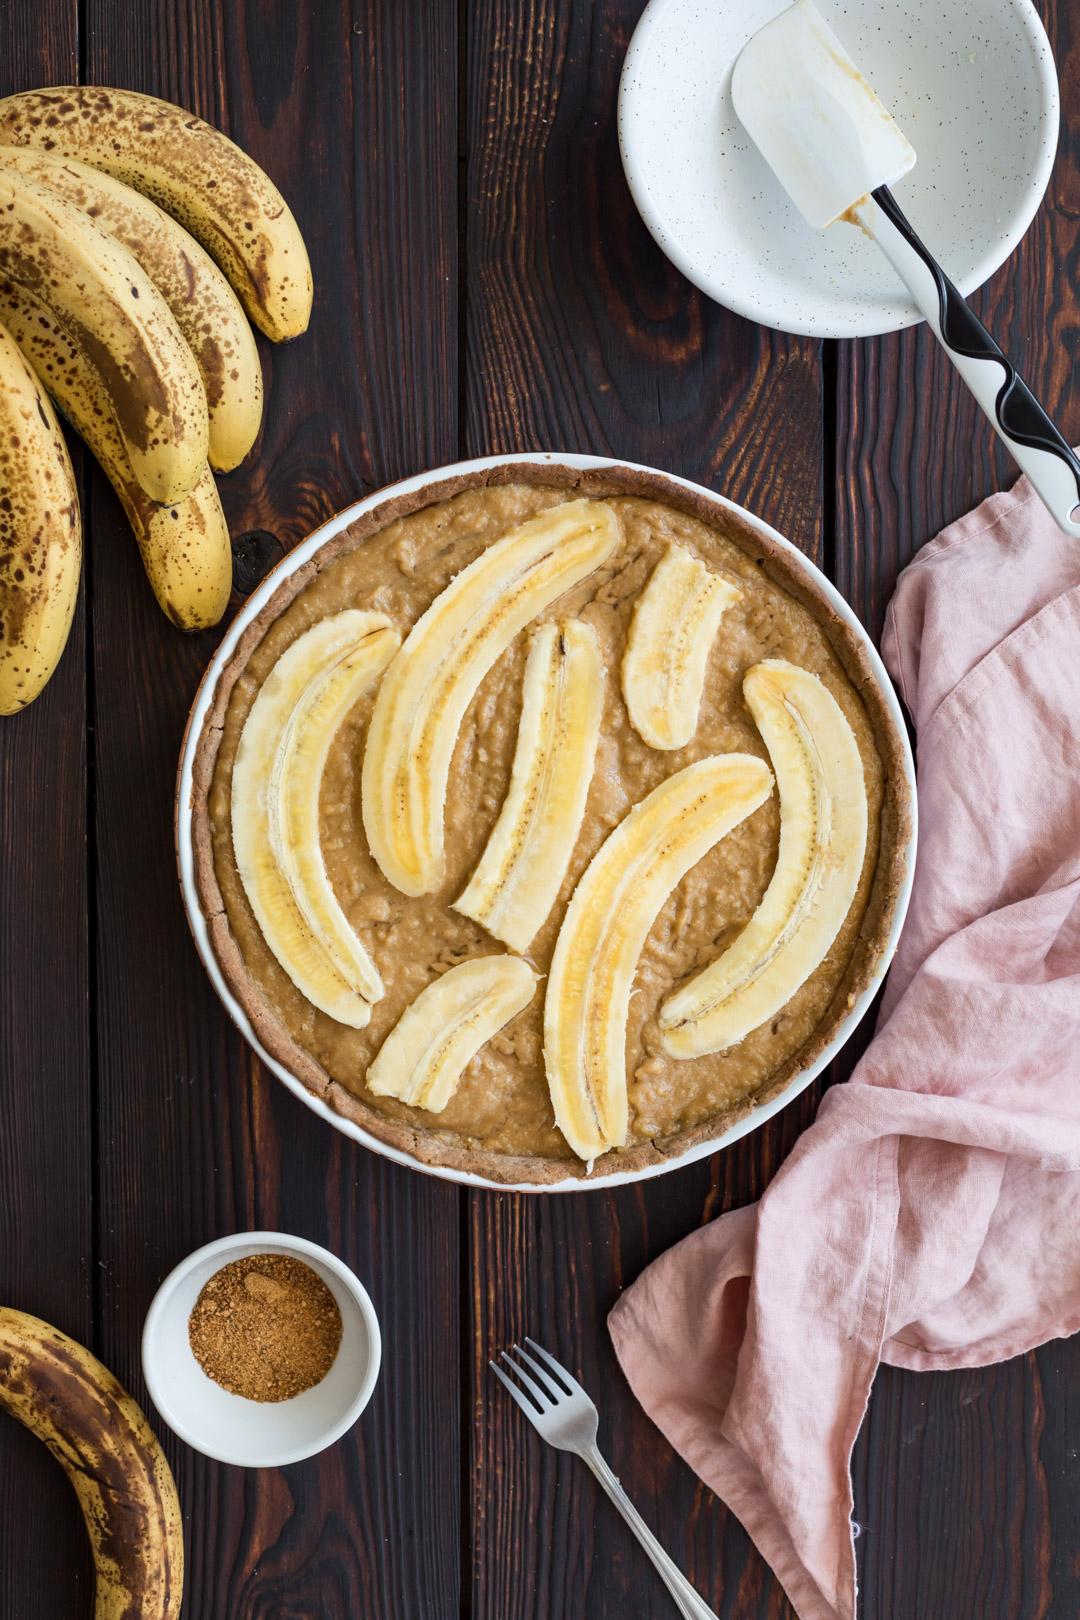 Banana Frangipane Tart